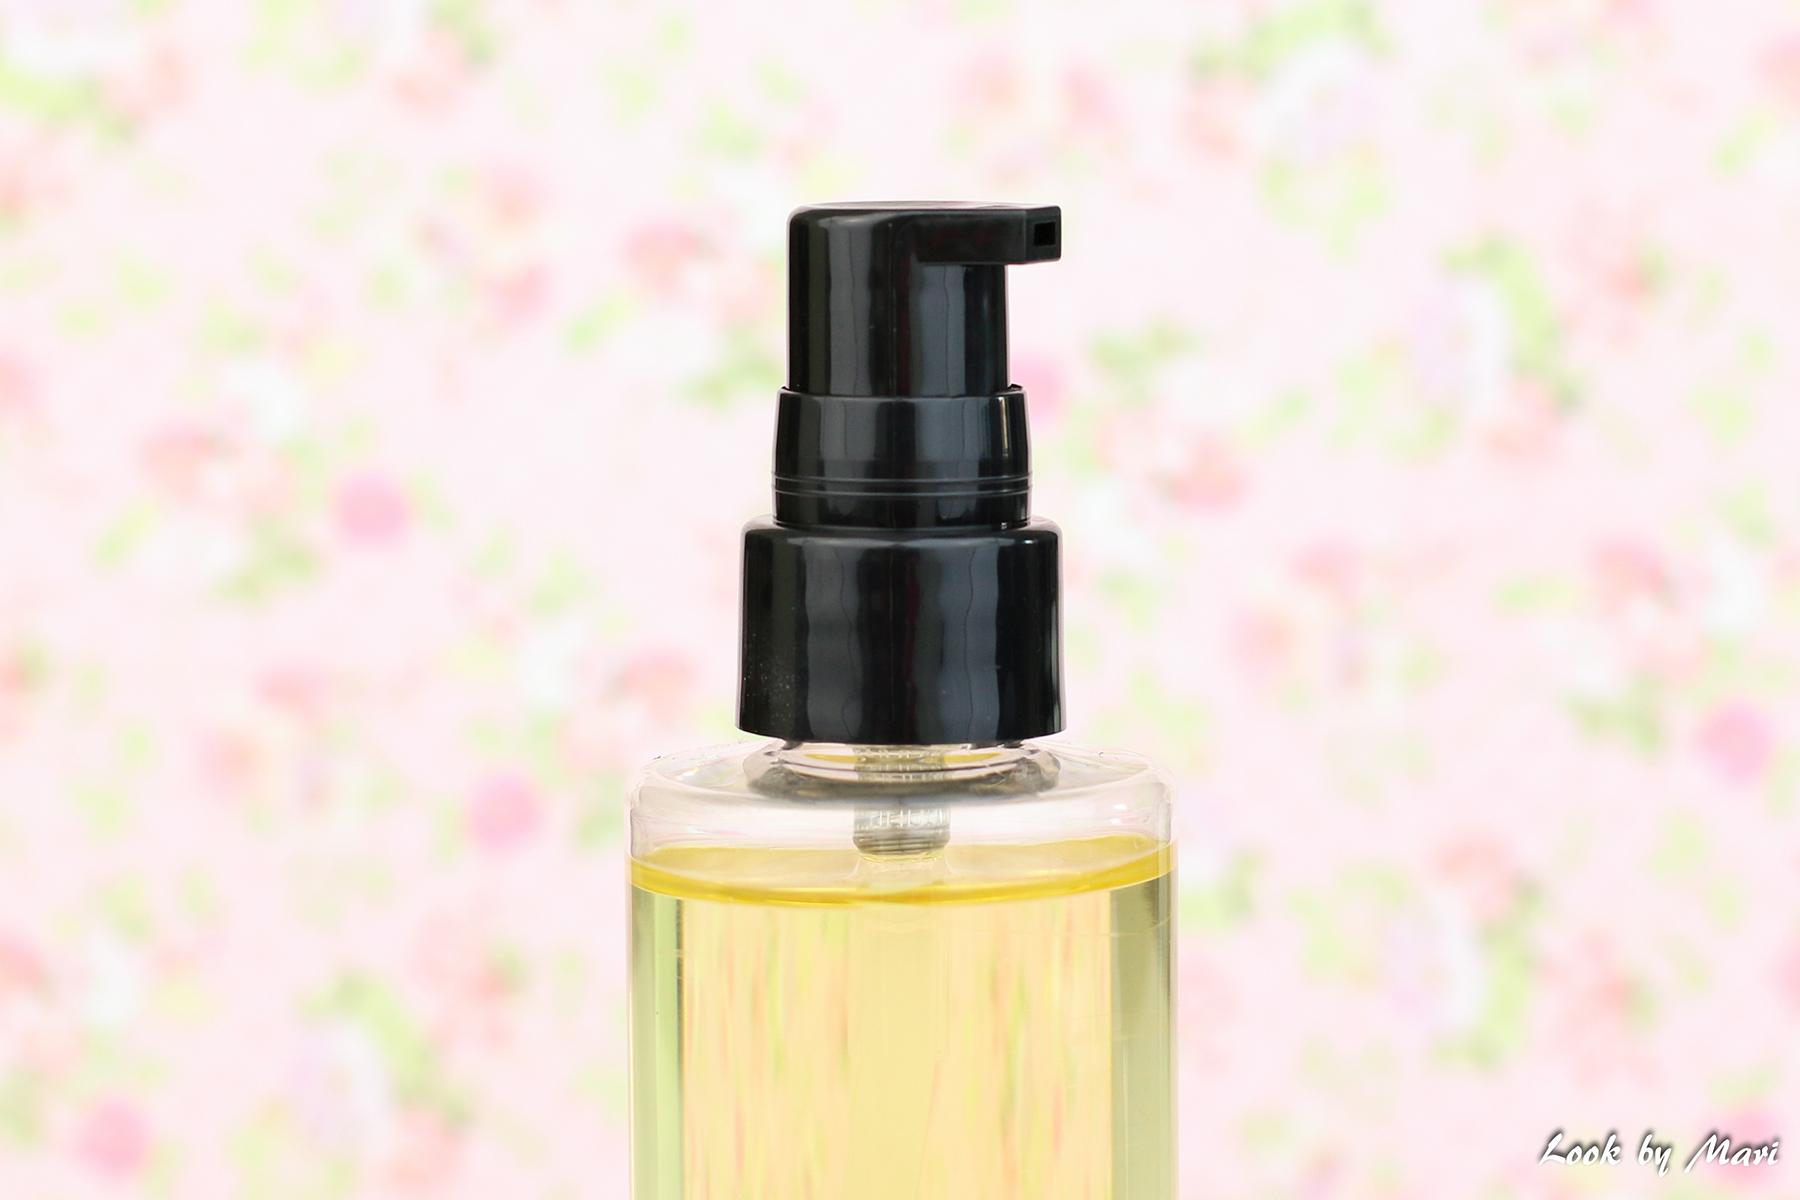 4 olivia klein parhaat tuotteet blogi hinnat the best products